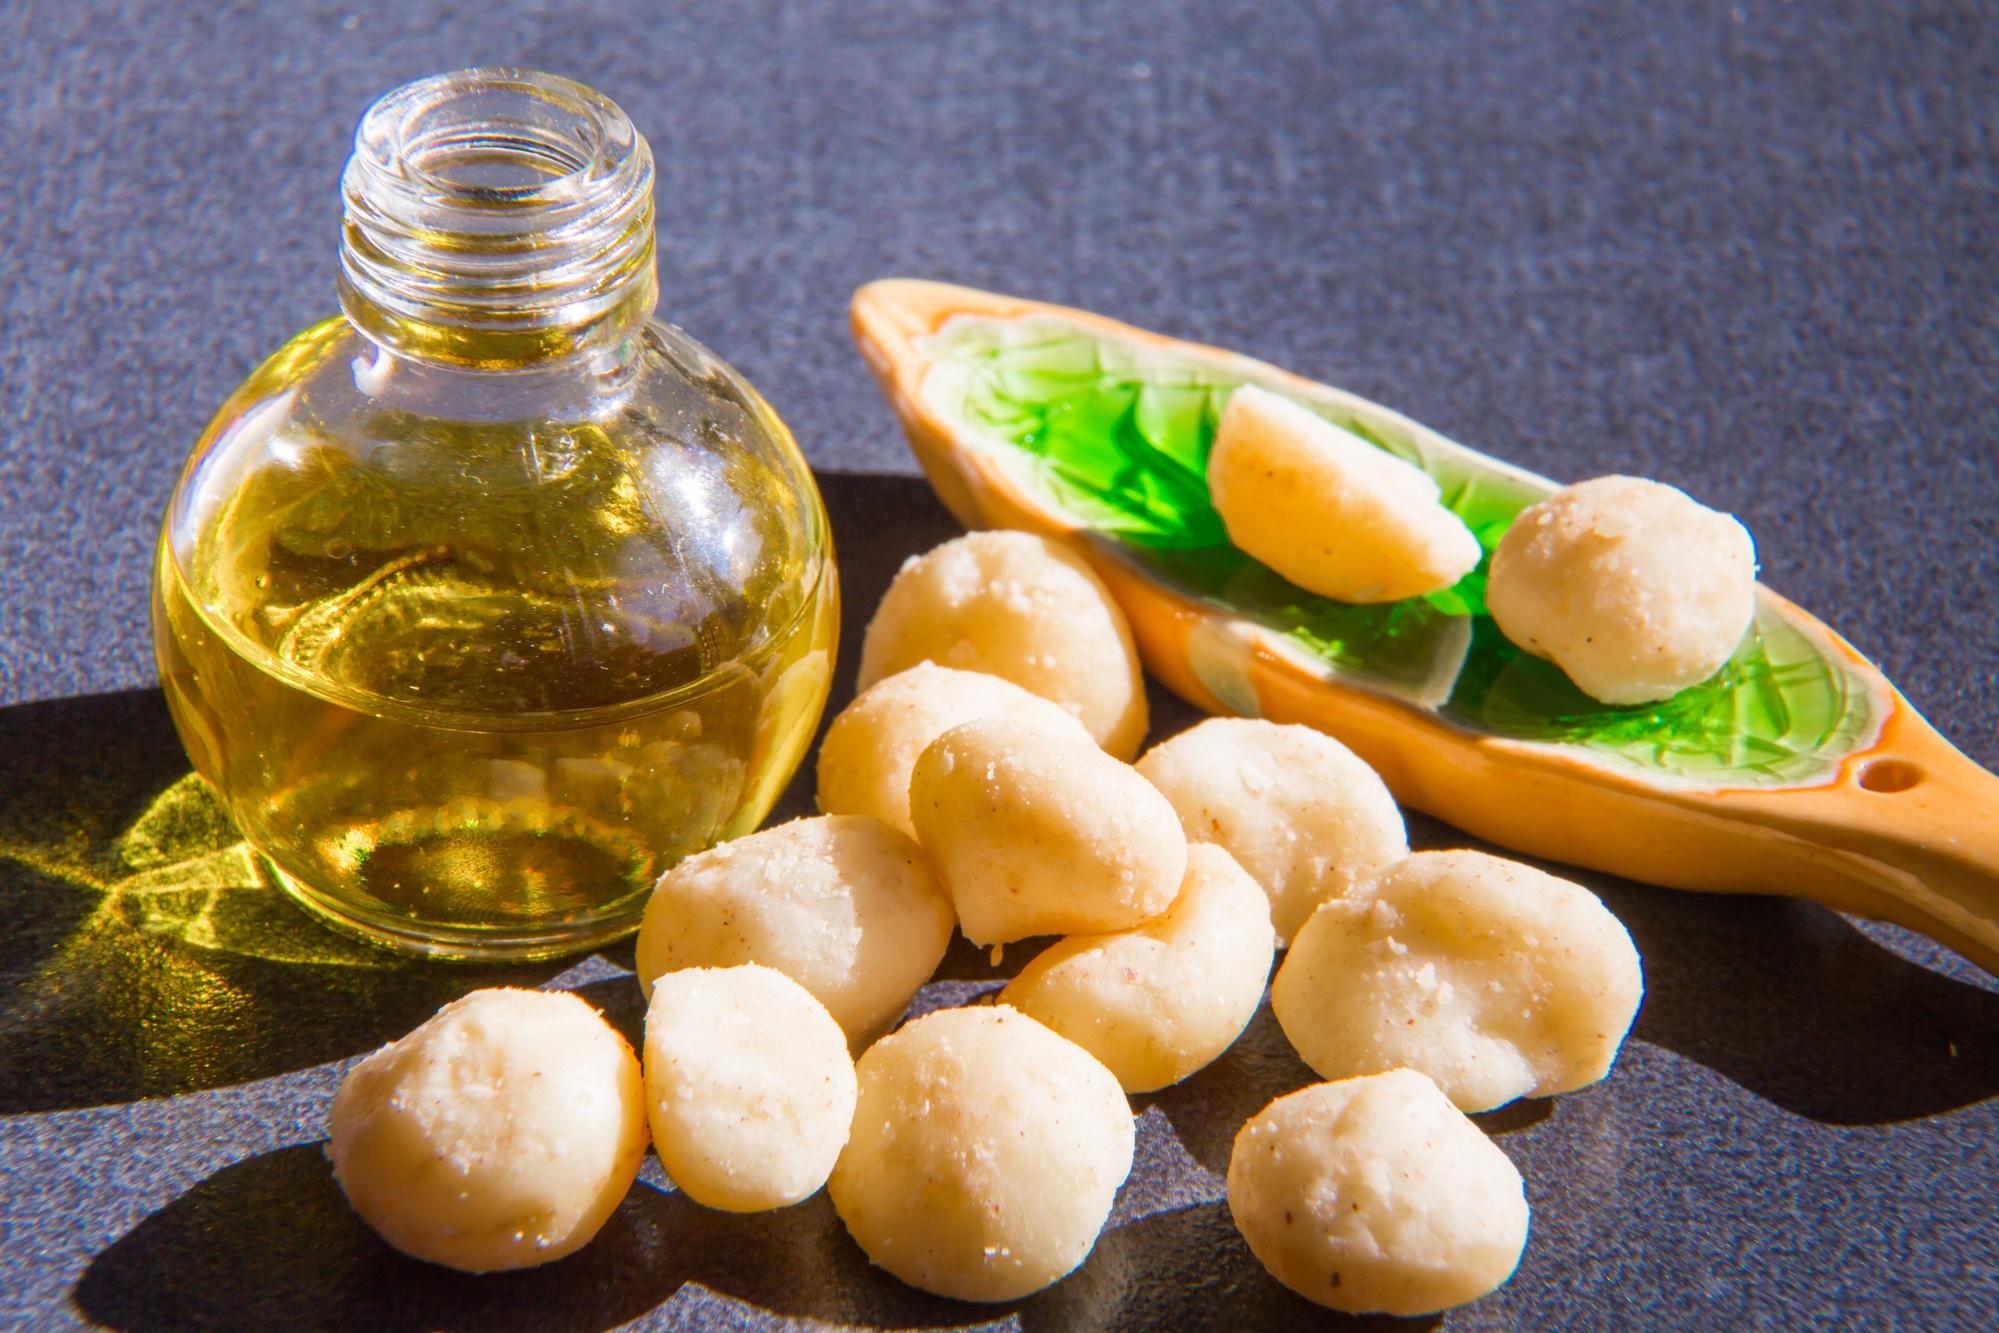 Macadamiaöl und Macadamianüsse